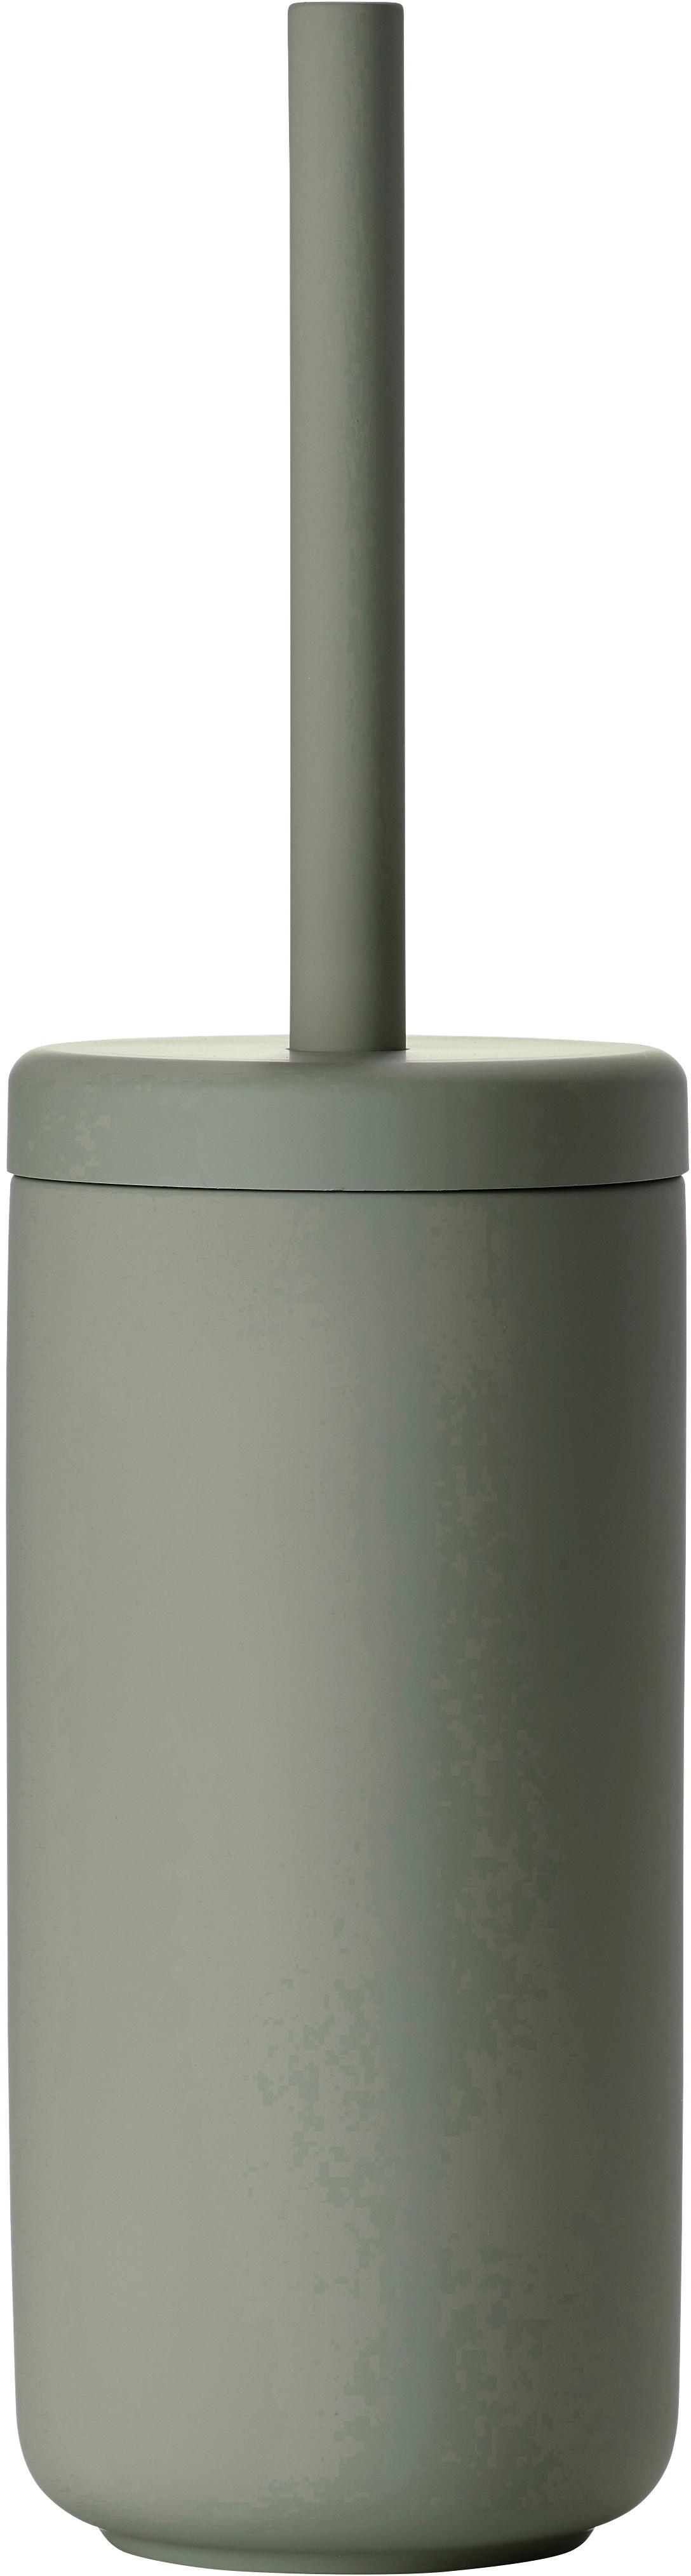 Scopino Ume, Contenitore: terracotta rivestita con , Manico: materiale sintetico, Verde eucalipto, Ø 10 x Alt. 39 cm